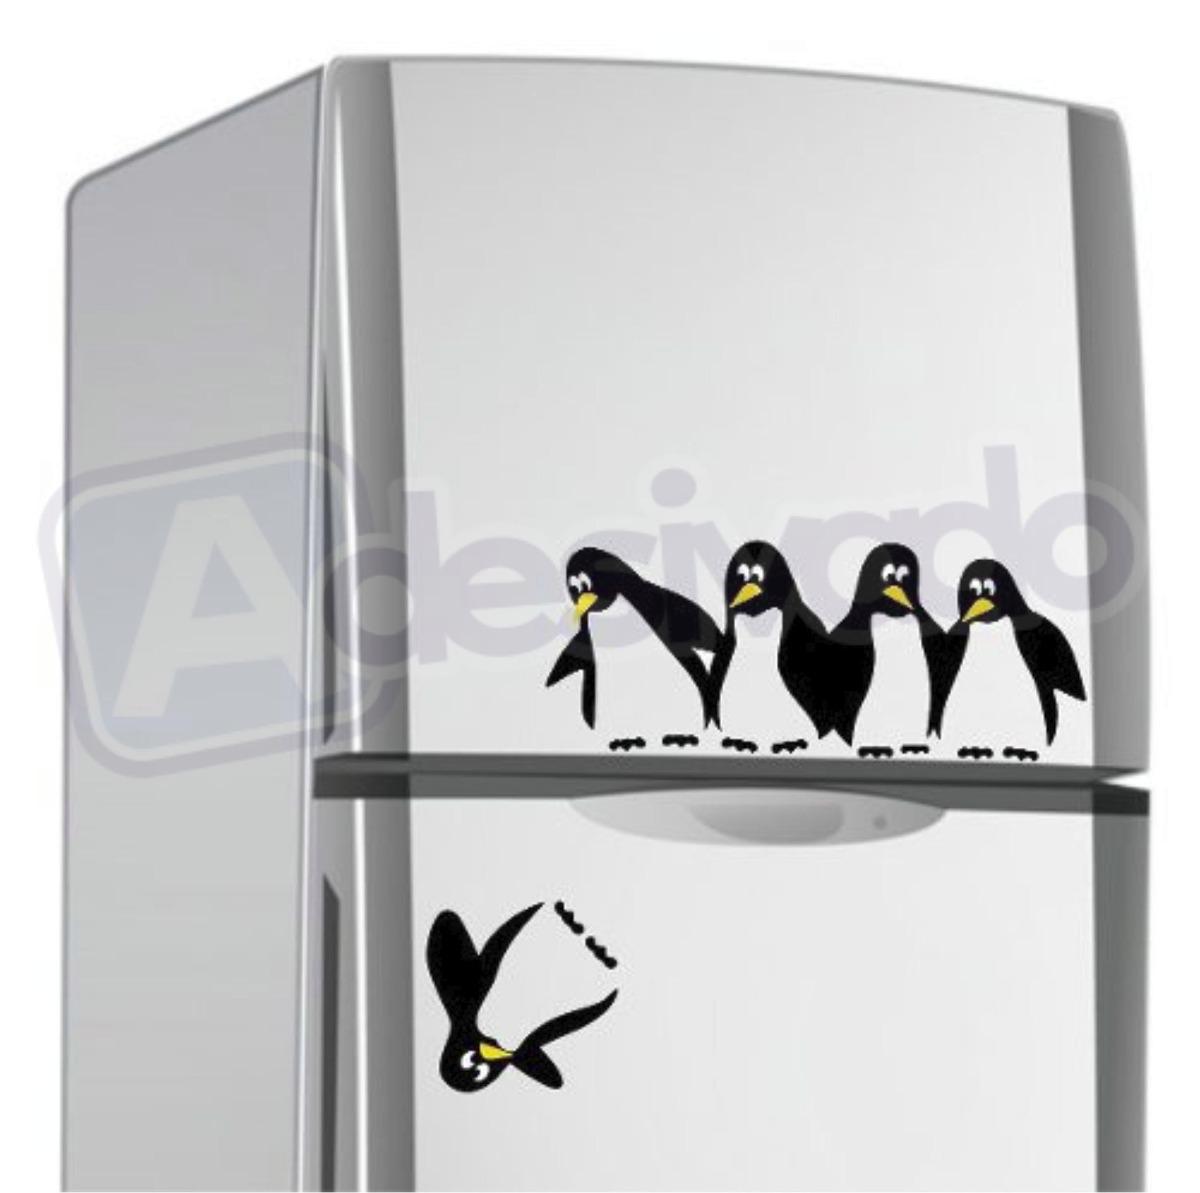 Aparador Em Mdf Com Gaveta ~ Adesivo Cozinha Decoraç u00e3o Pinguim Caindo Da Geladeira R